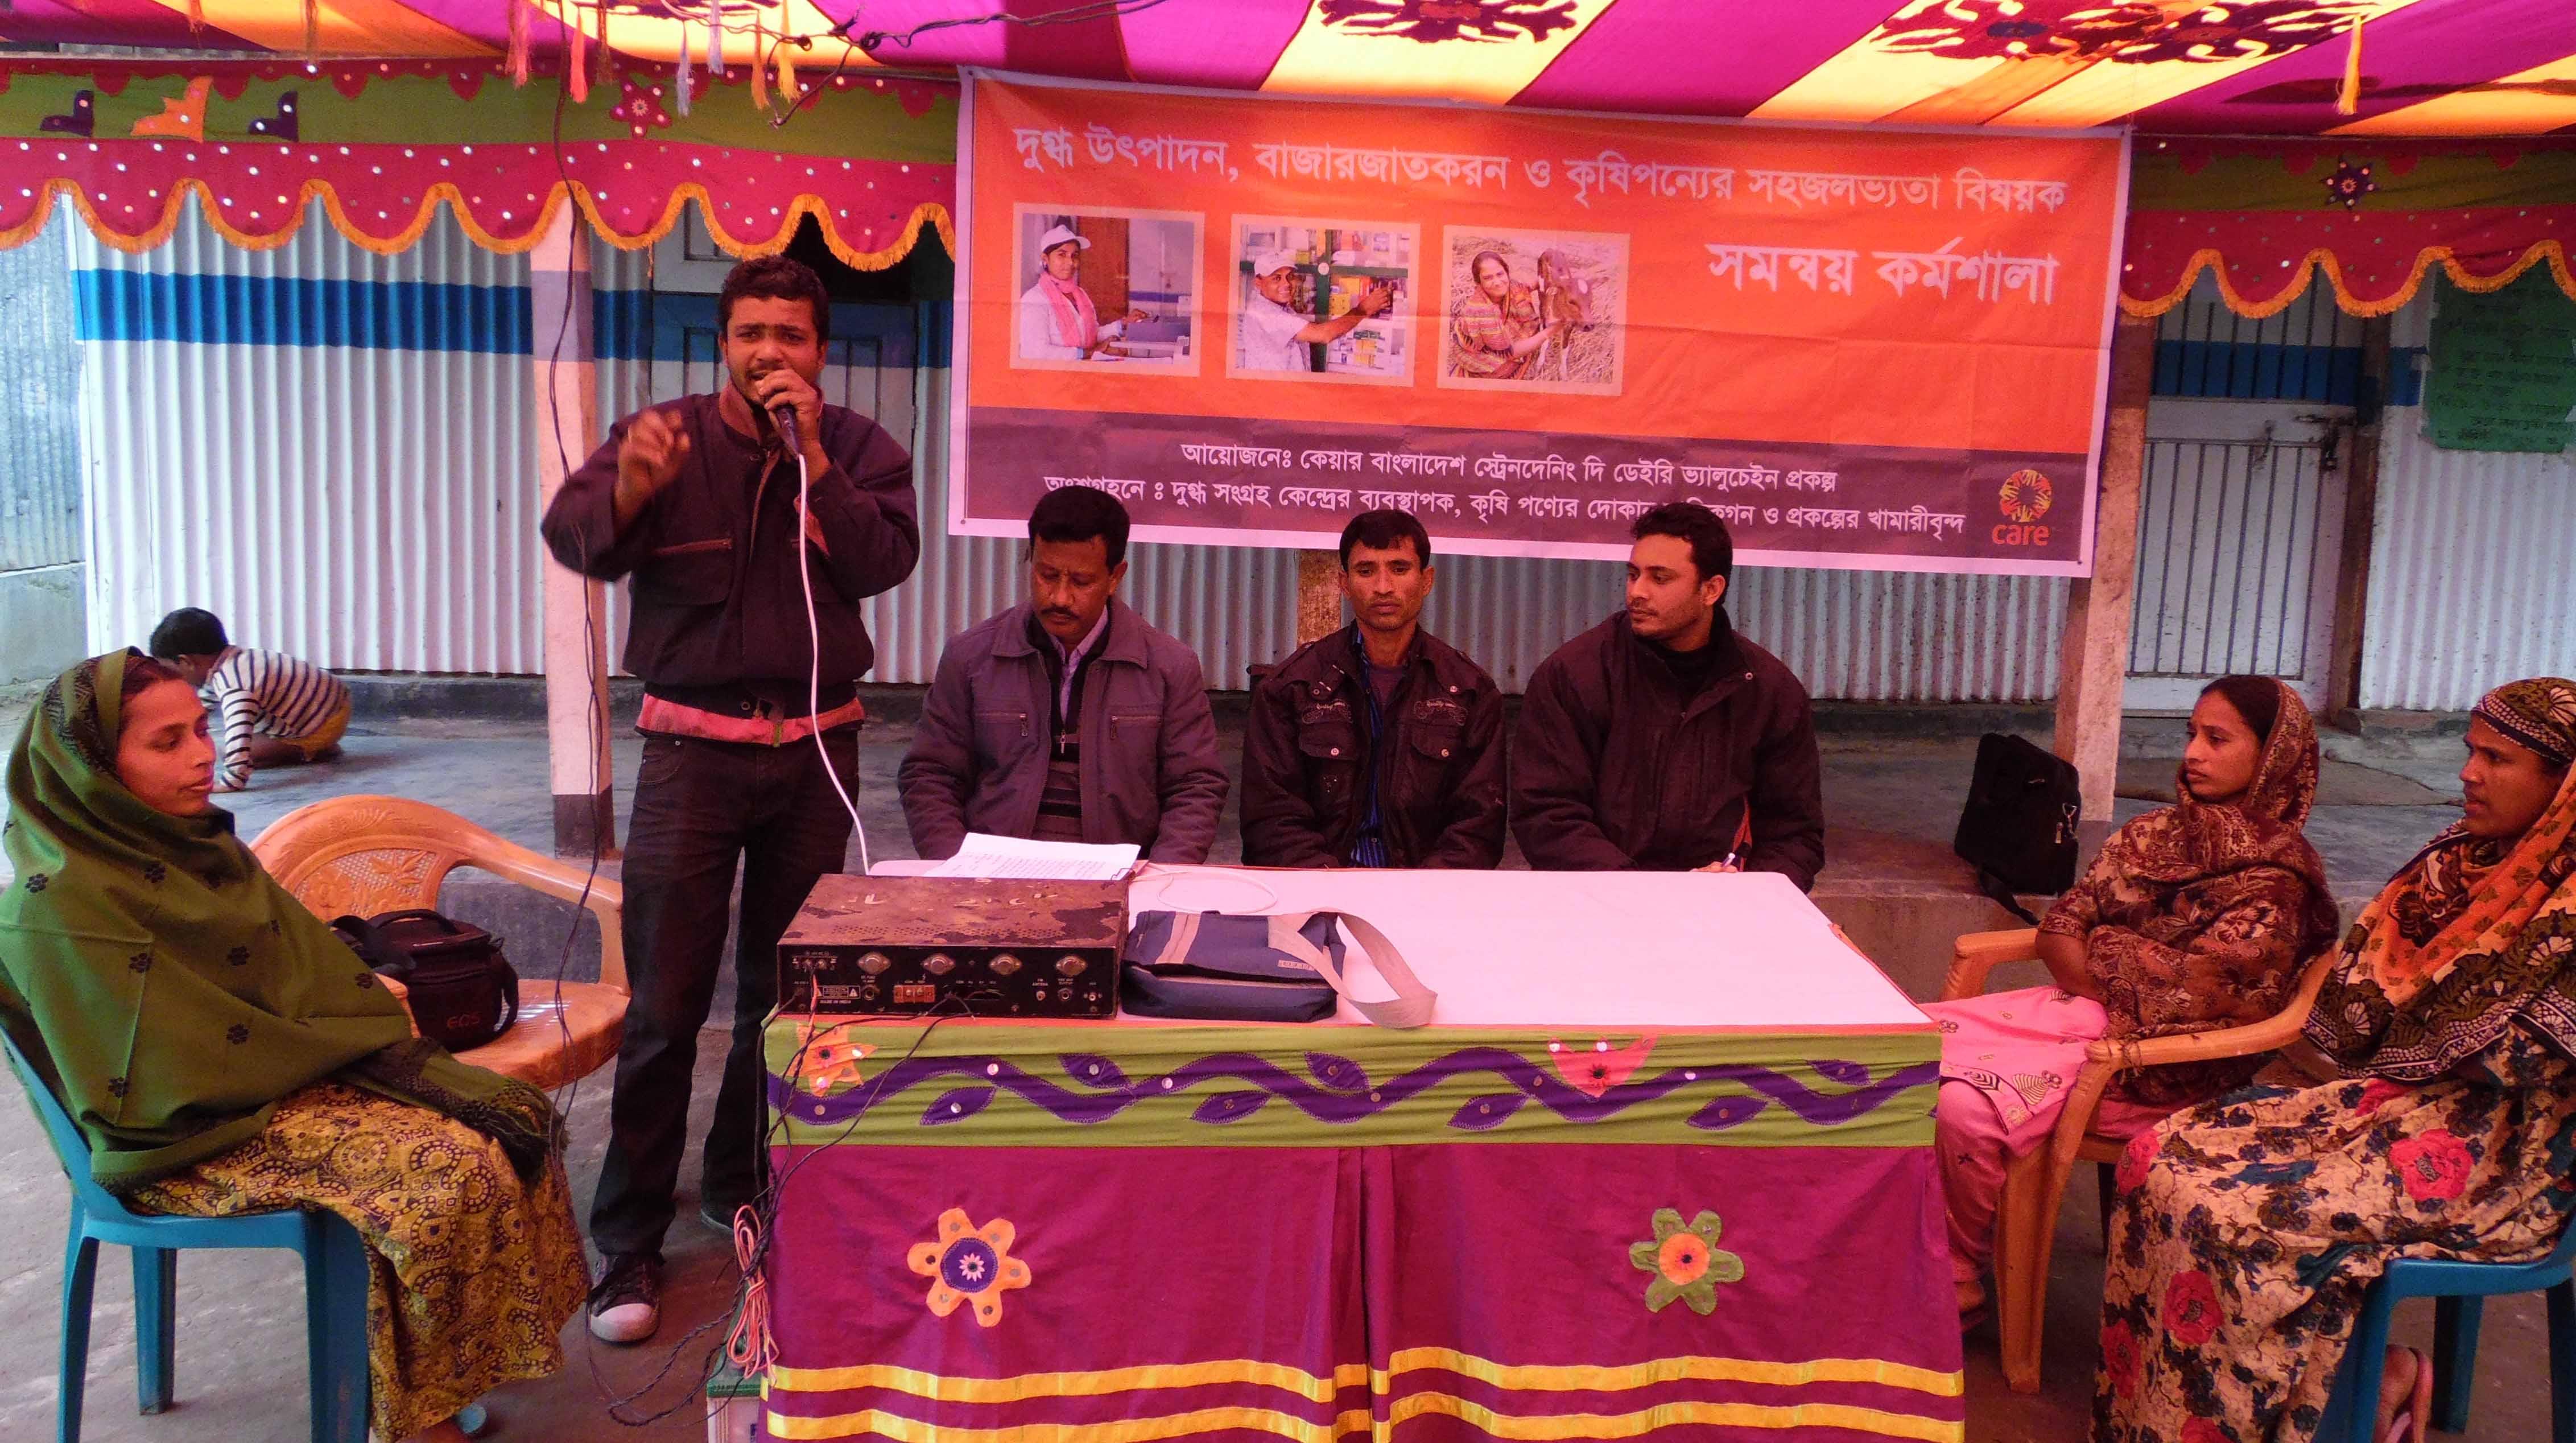 সোনাতলায় দুগ্ধ উৎপাদন বাজারজাত করন বিষয়ক সমন্বয় কর্মশালা অনুষ্ঠিত